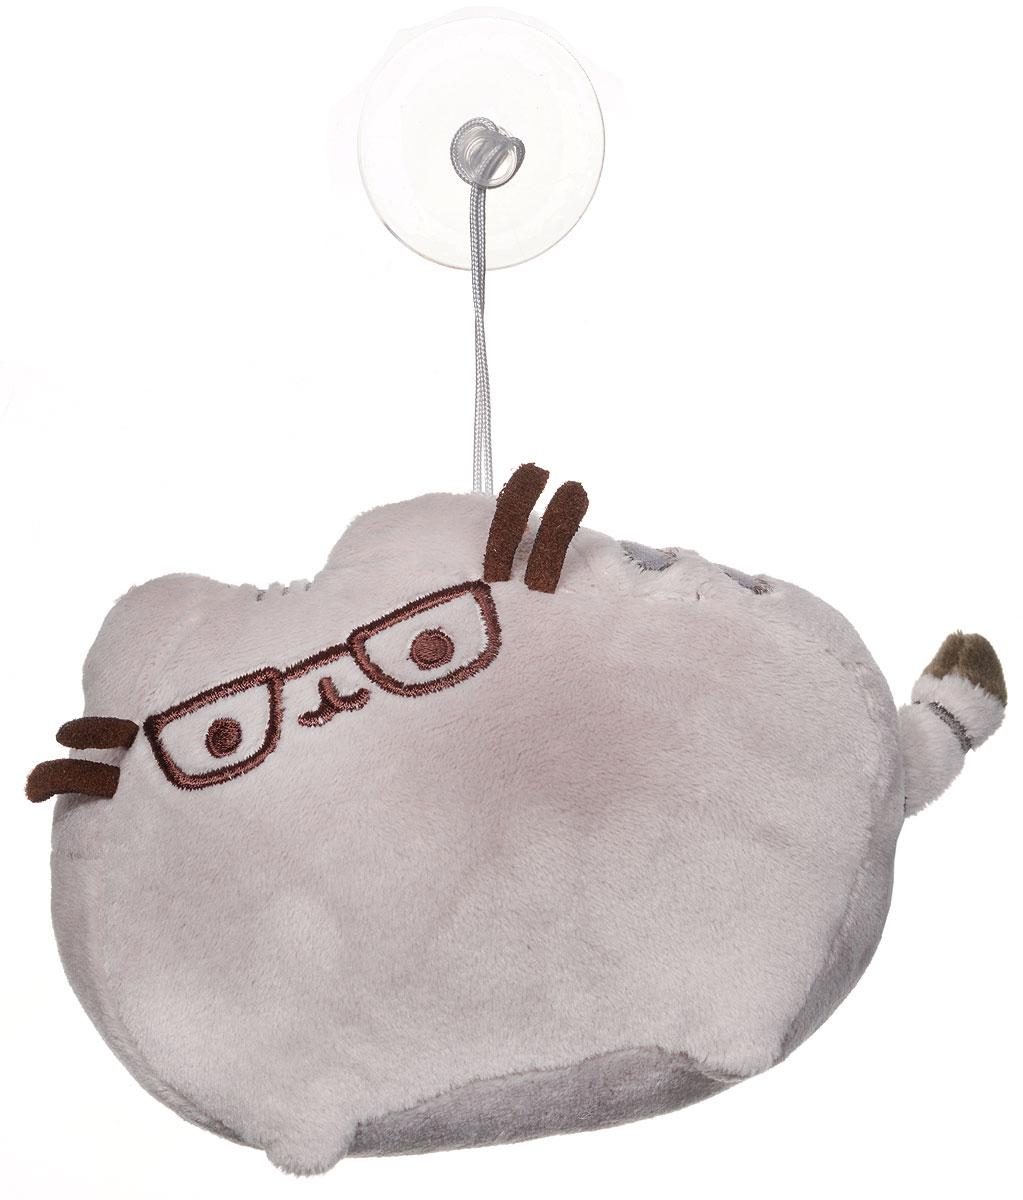 Gund Мягкая игрушка Кот Pusheen в очках 16 см4048899Мягкая игрушка Gund Кот Pusheen в очках отличаются реалистичным внешним видом, напоминающим настоящего питомца. Только посмотрите на эту милую мордашку, которая так приветливо смотрит на вас. Разве можно устоять перед её обаянием? Конечно, нет, да и не нужно! Игрушка снабжена присоской, с помощью которой ее можно зафиксировать на любой ровной поверхности. Такая игрушка вызывает умиление не только у детей , но и у взрослых. Поэтому она станет отличным подарком для любого возраста!